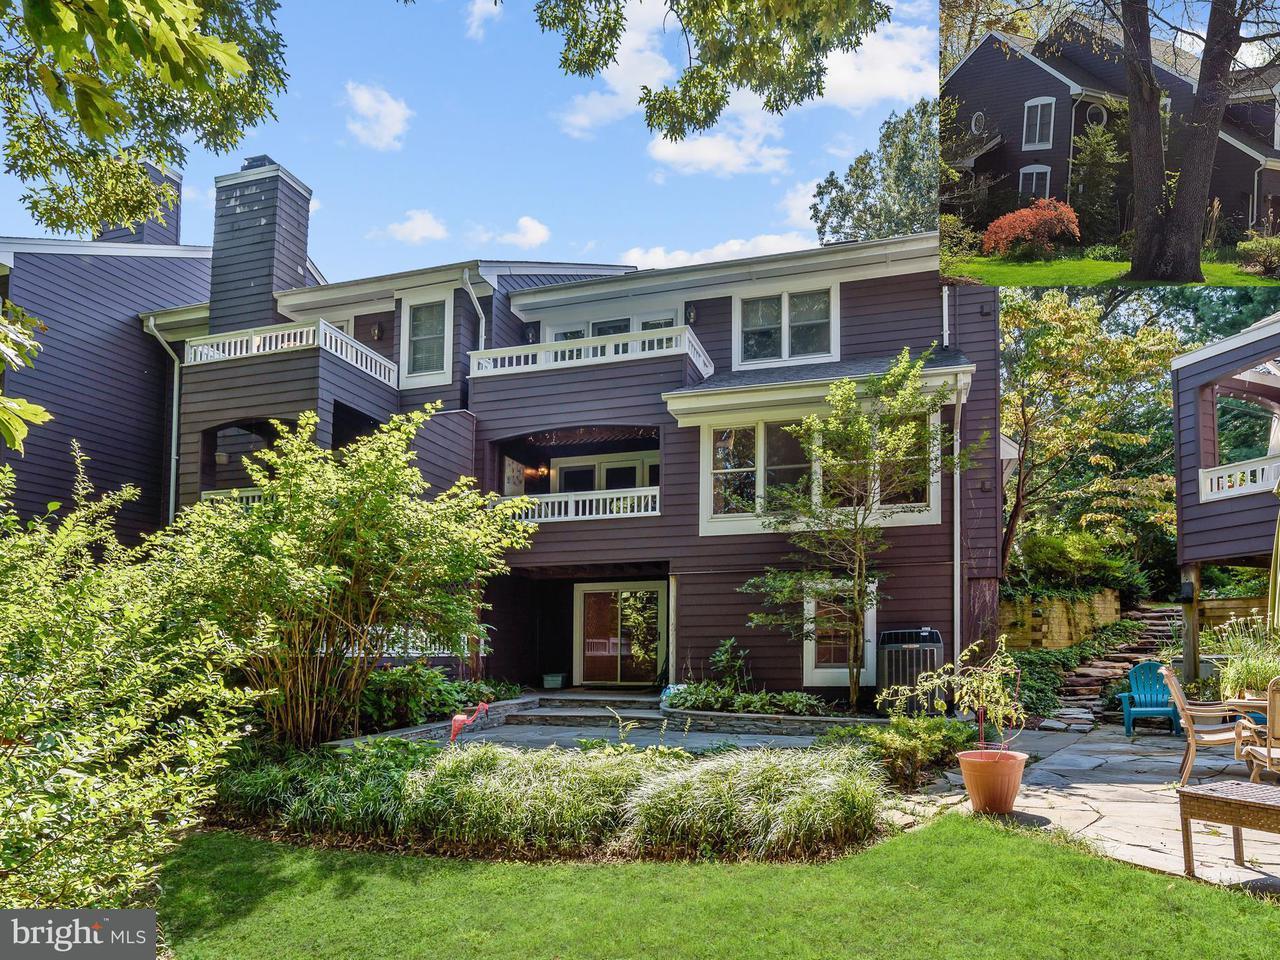 Casa unifamiliar adosada (Townhouse) por un Venta en 114 SUMMER VILLAGE Drive 114 SUMMER VILLAGE Drive Annapolis, Maryland 21401 Estados Unidos